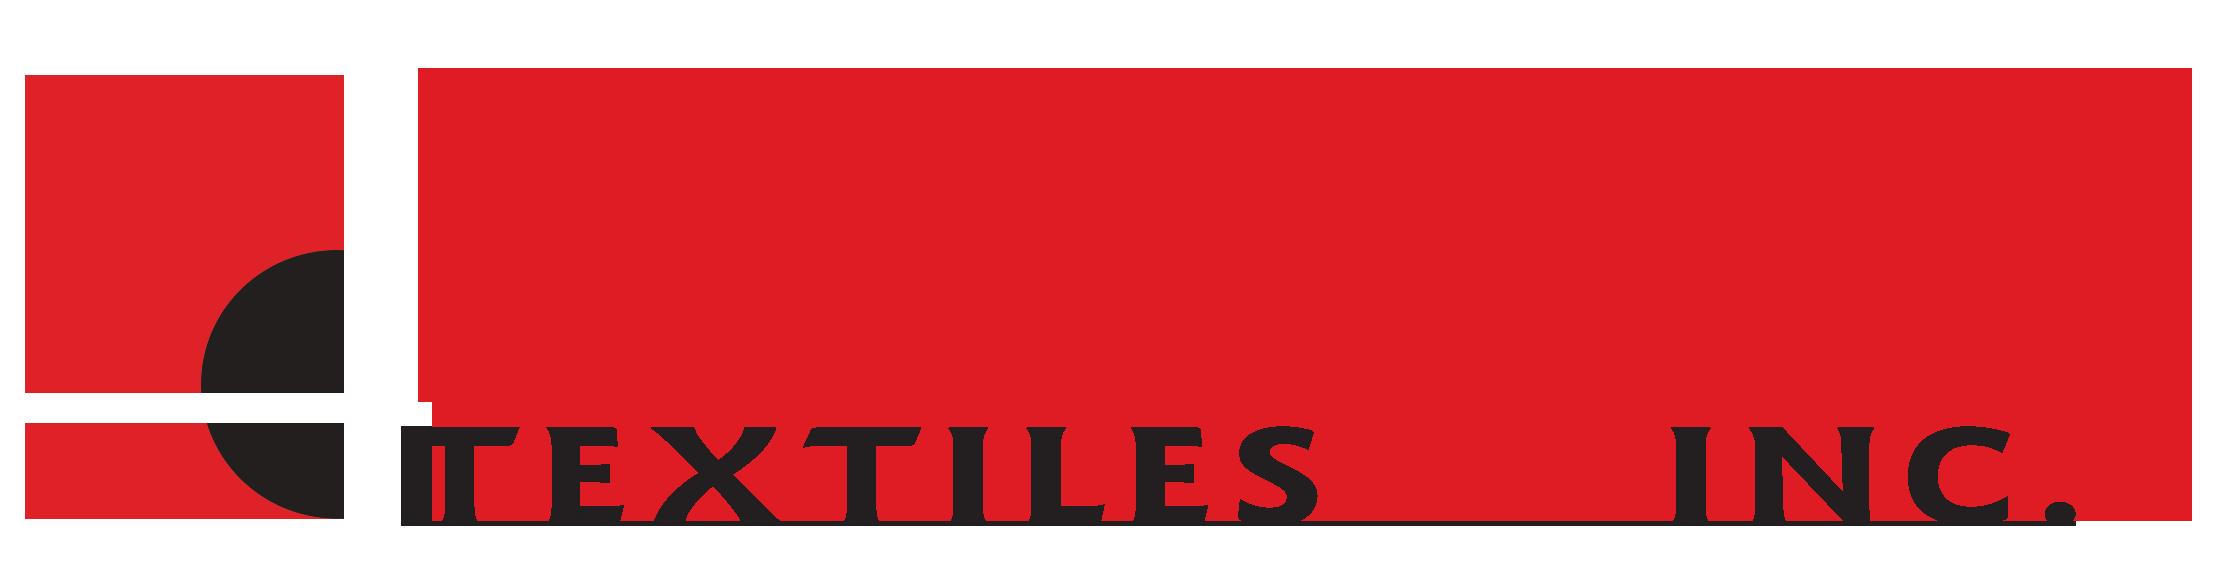 Morgan Textiles, Inc.